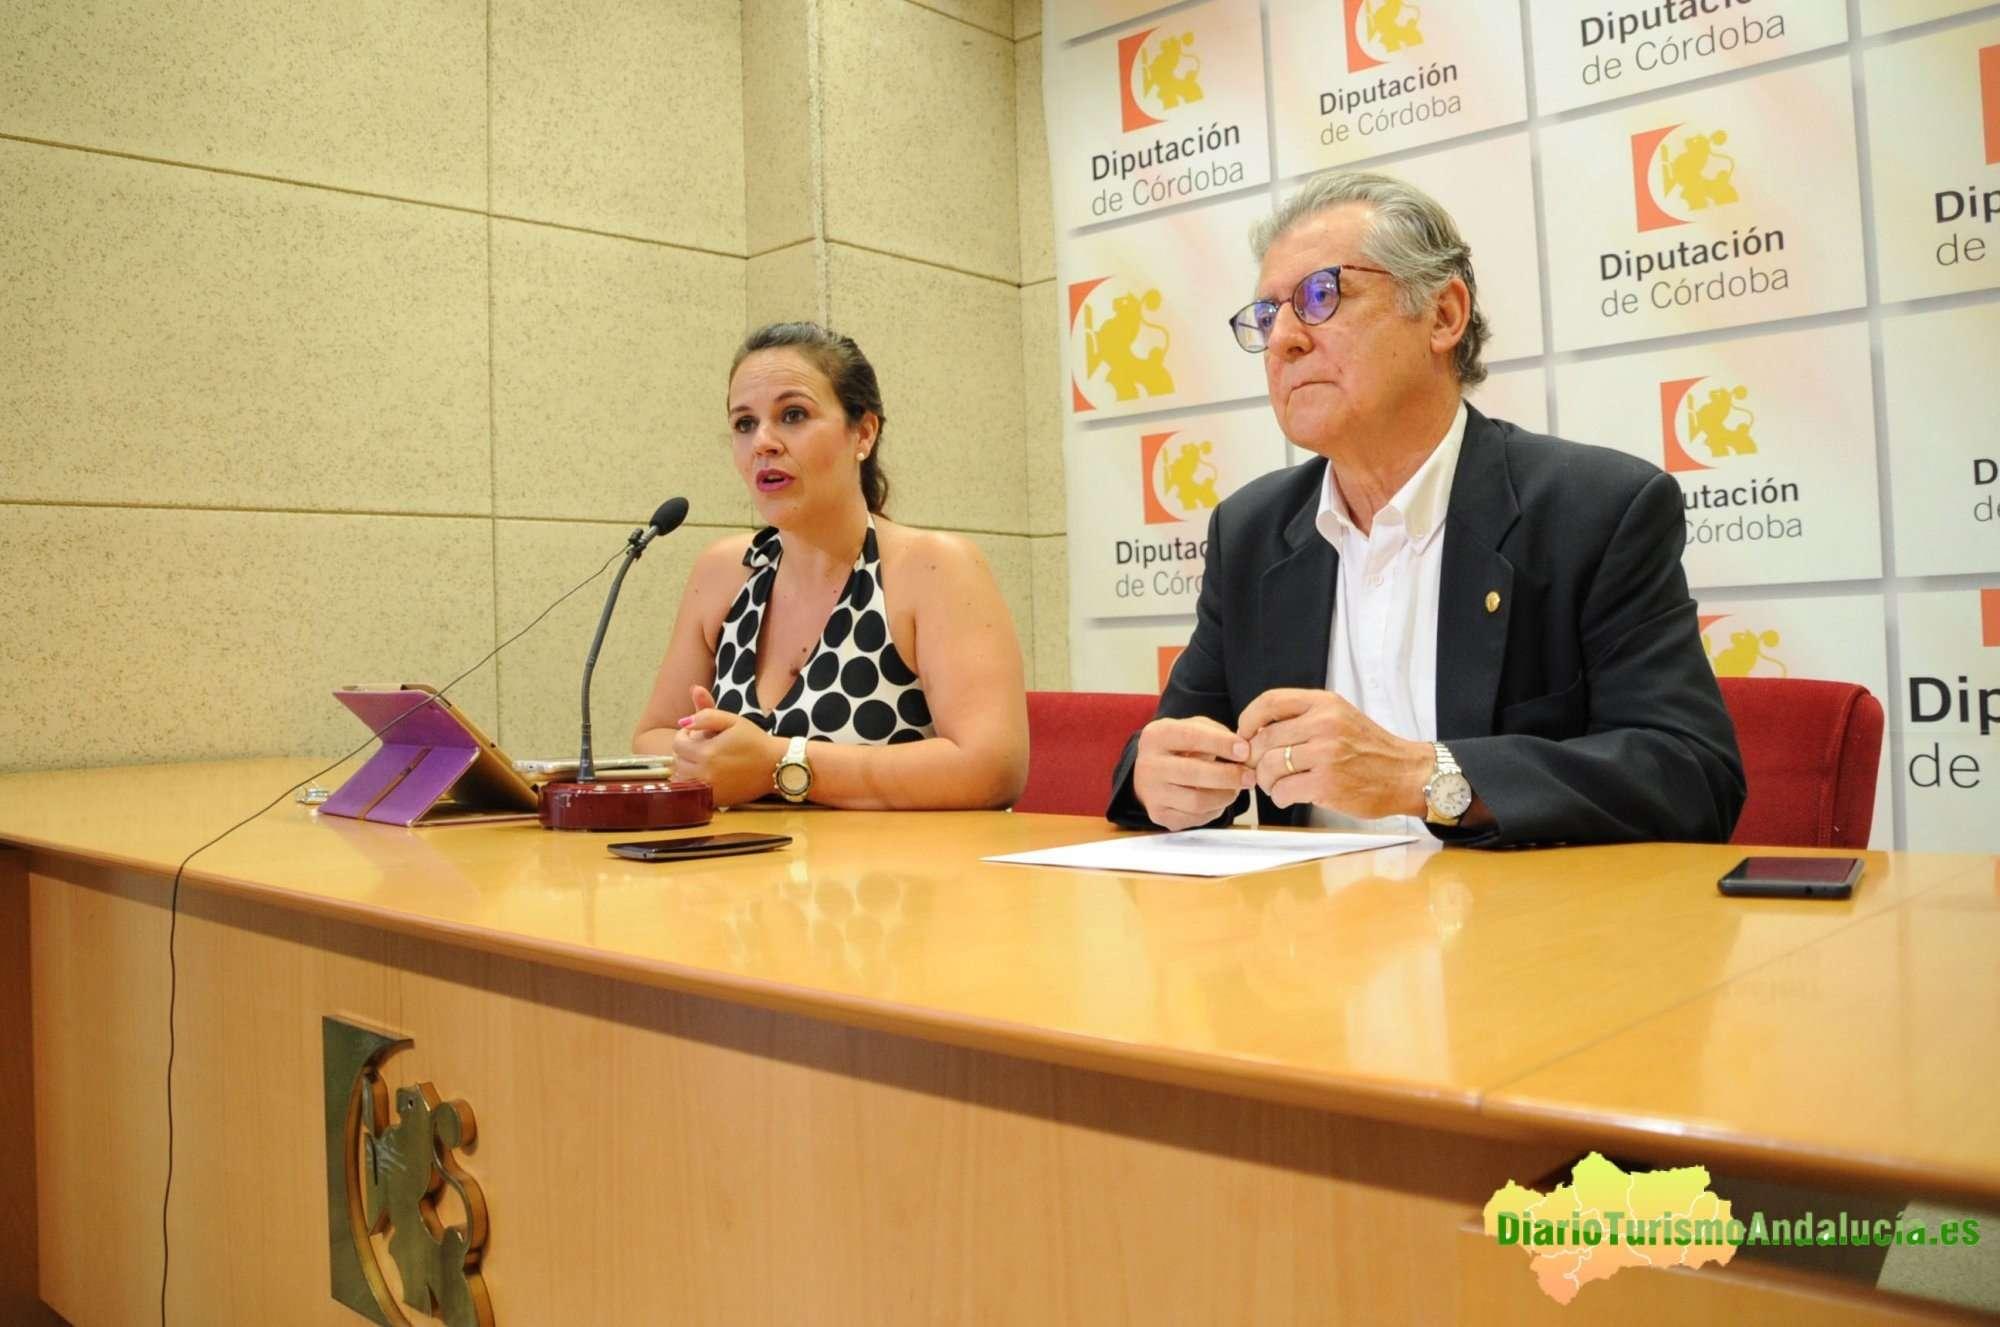 Se entregará en la institución provincial coincidiendo con la conmemoración, el 10 de noviembre, del día dedicado a la provincia de Córdoba.